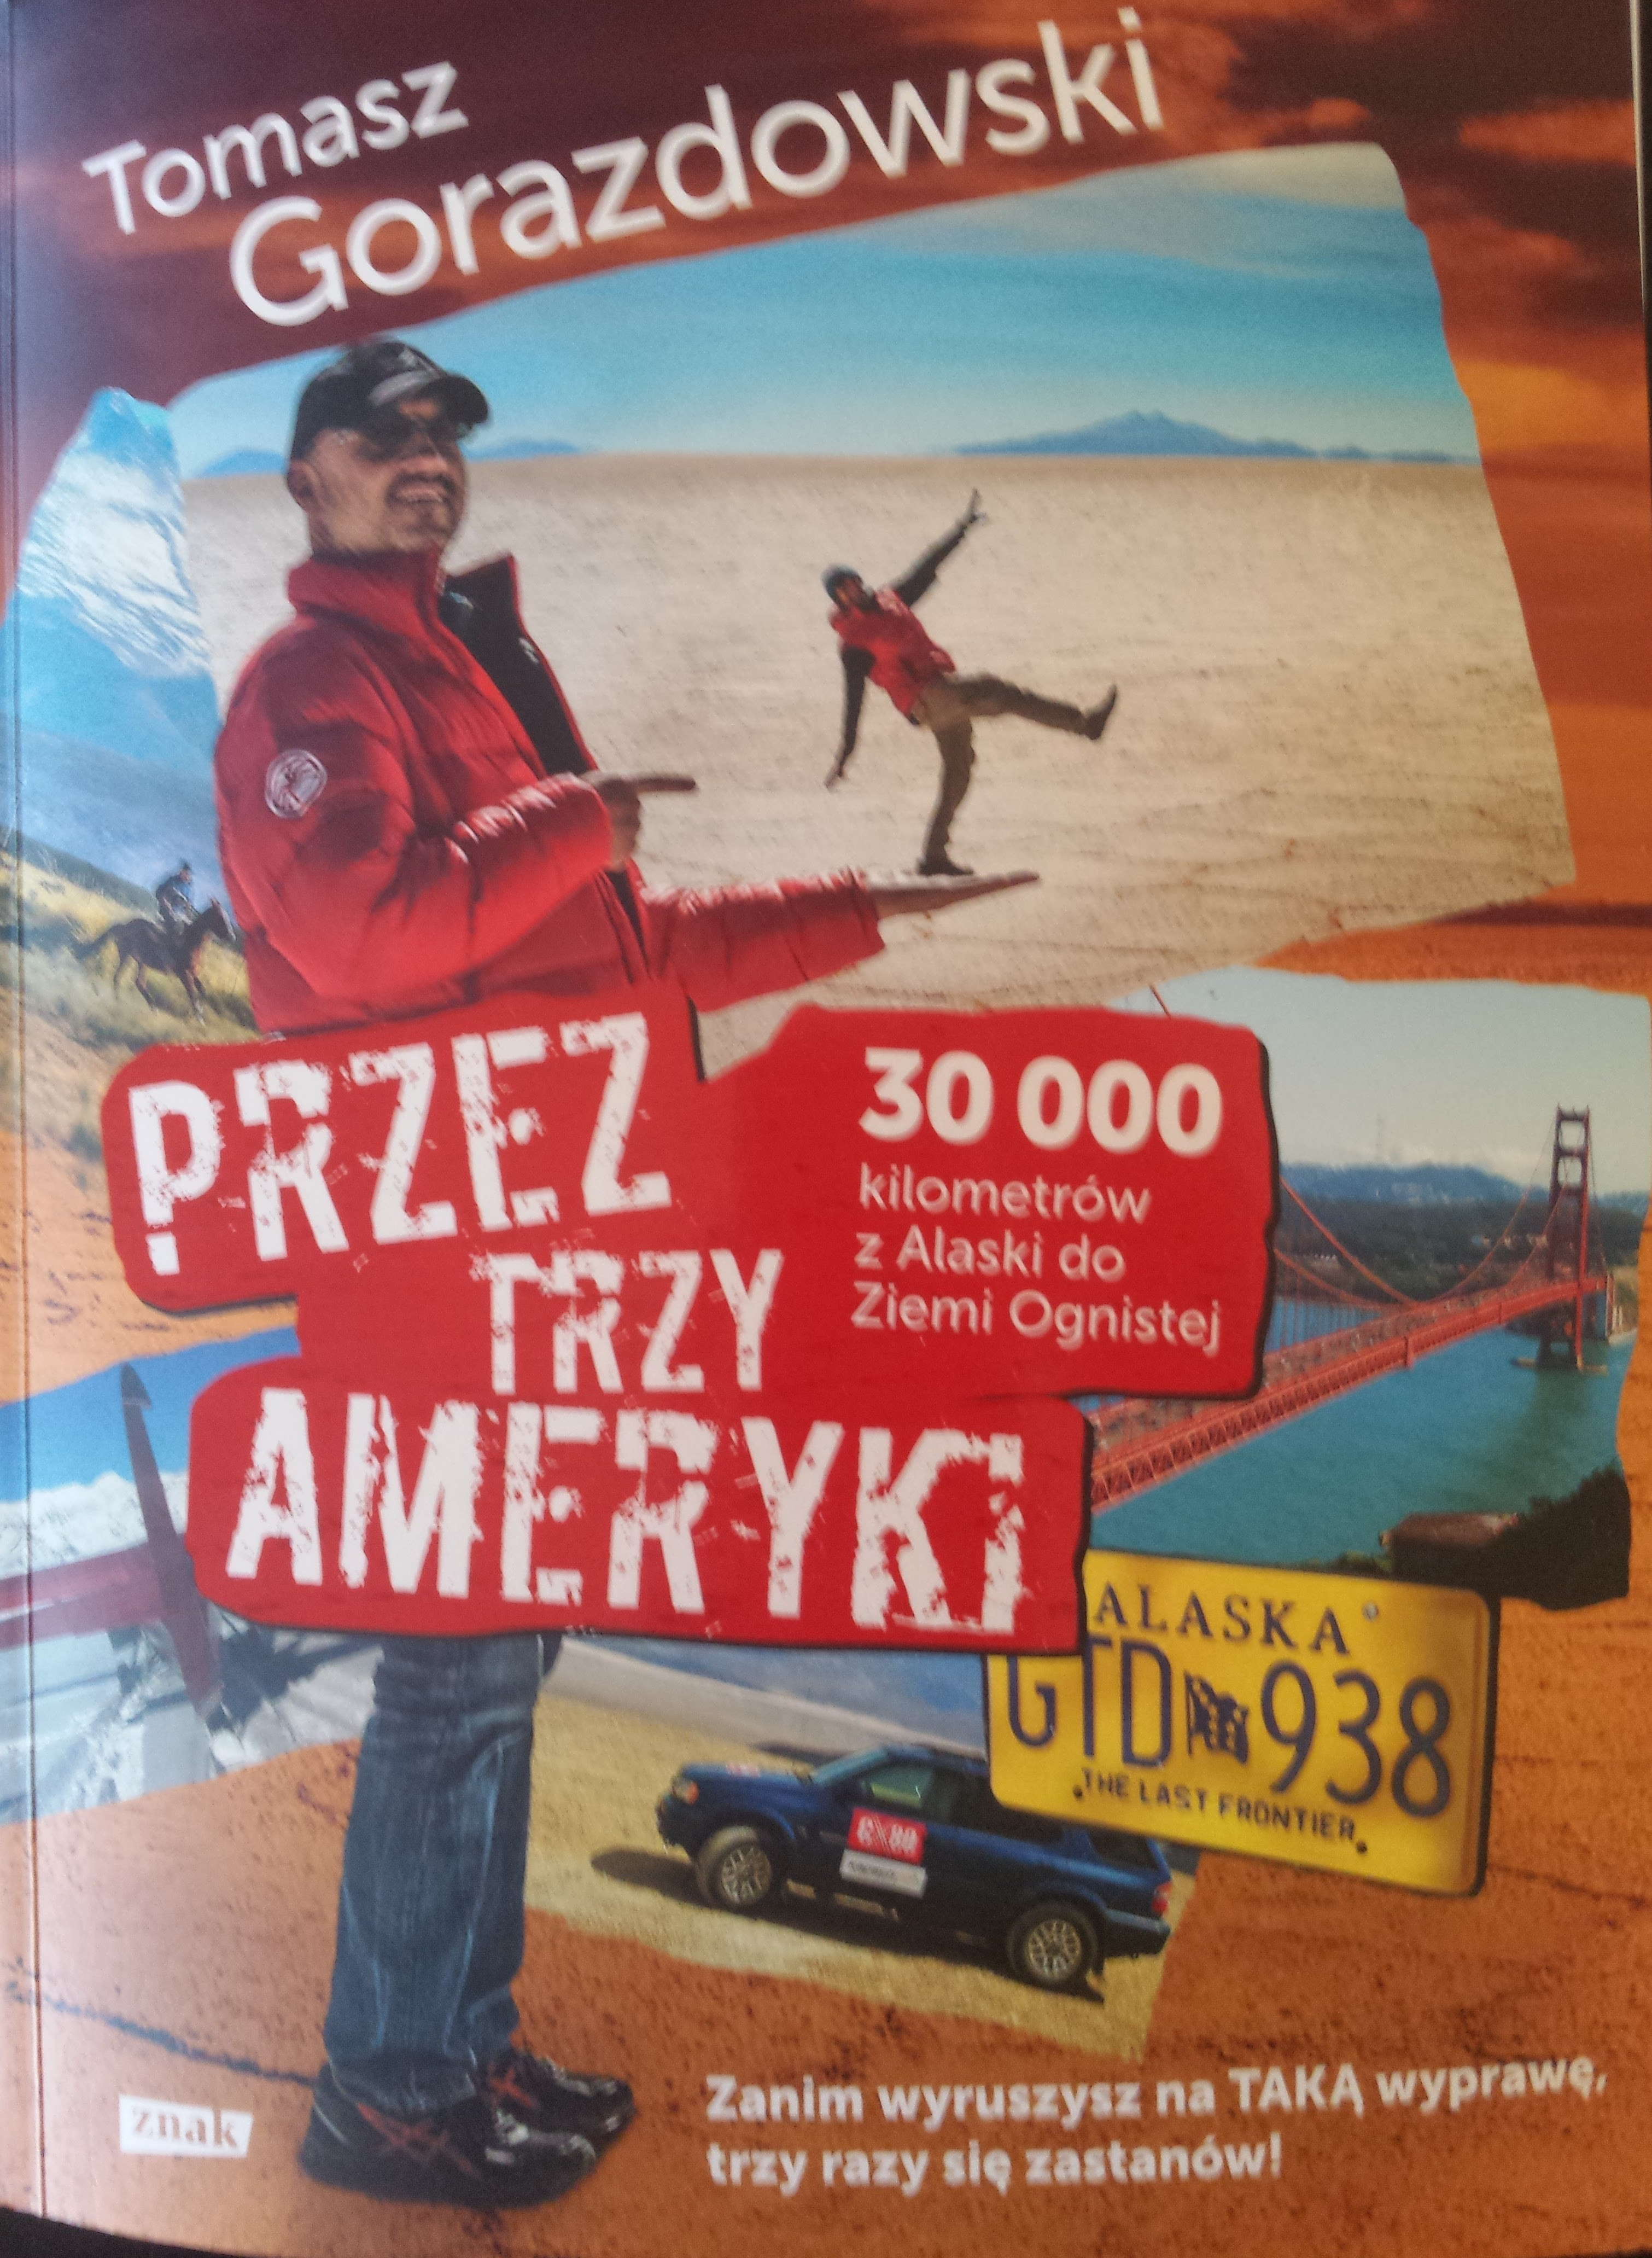 Przez trzy Ameryki. 30 tysięcy kilometrów z Alaski do Ziemi Ognistej  by  Tomasz Gorazdowski